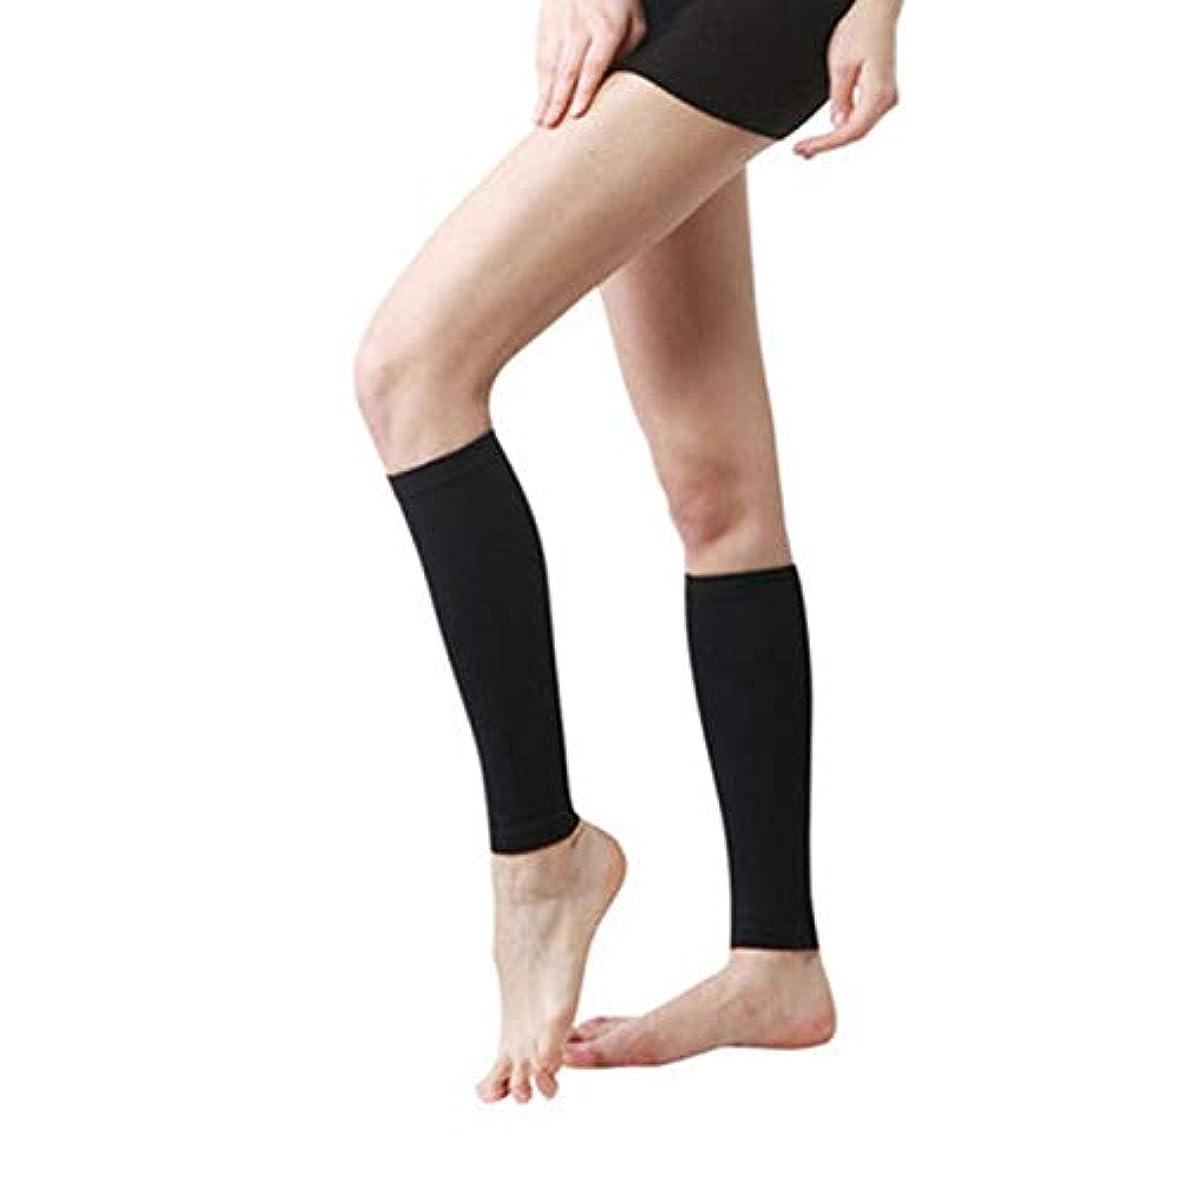 びっくりブリーク中断丈夫な男性女性プロの圧縮靴下通気性のある旅行活動看護師用シンススプリントフライトトラベル - ブラック